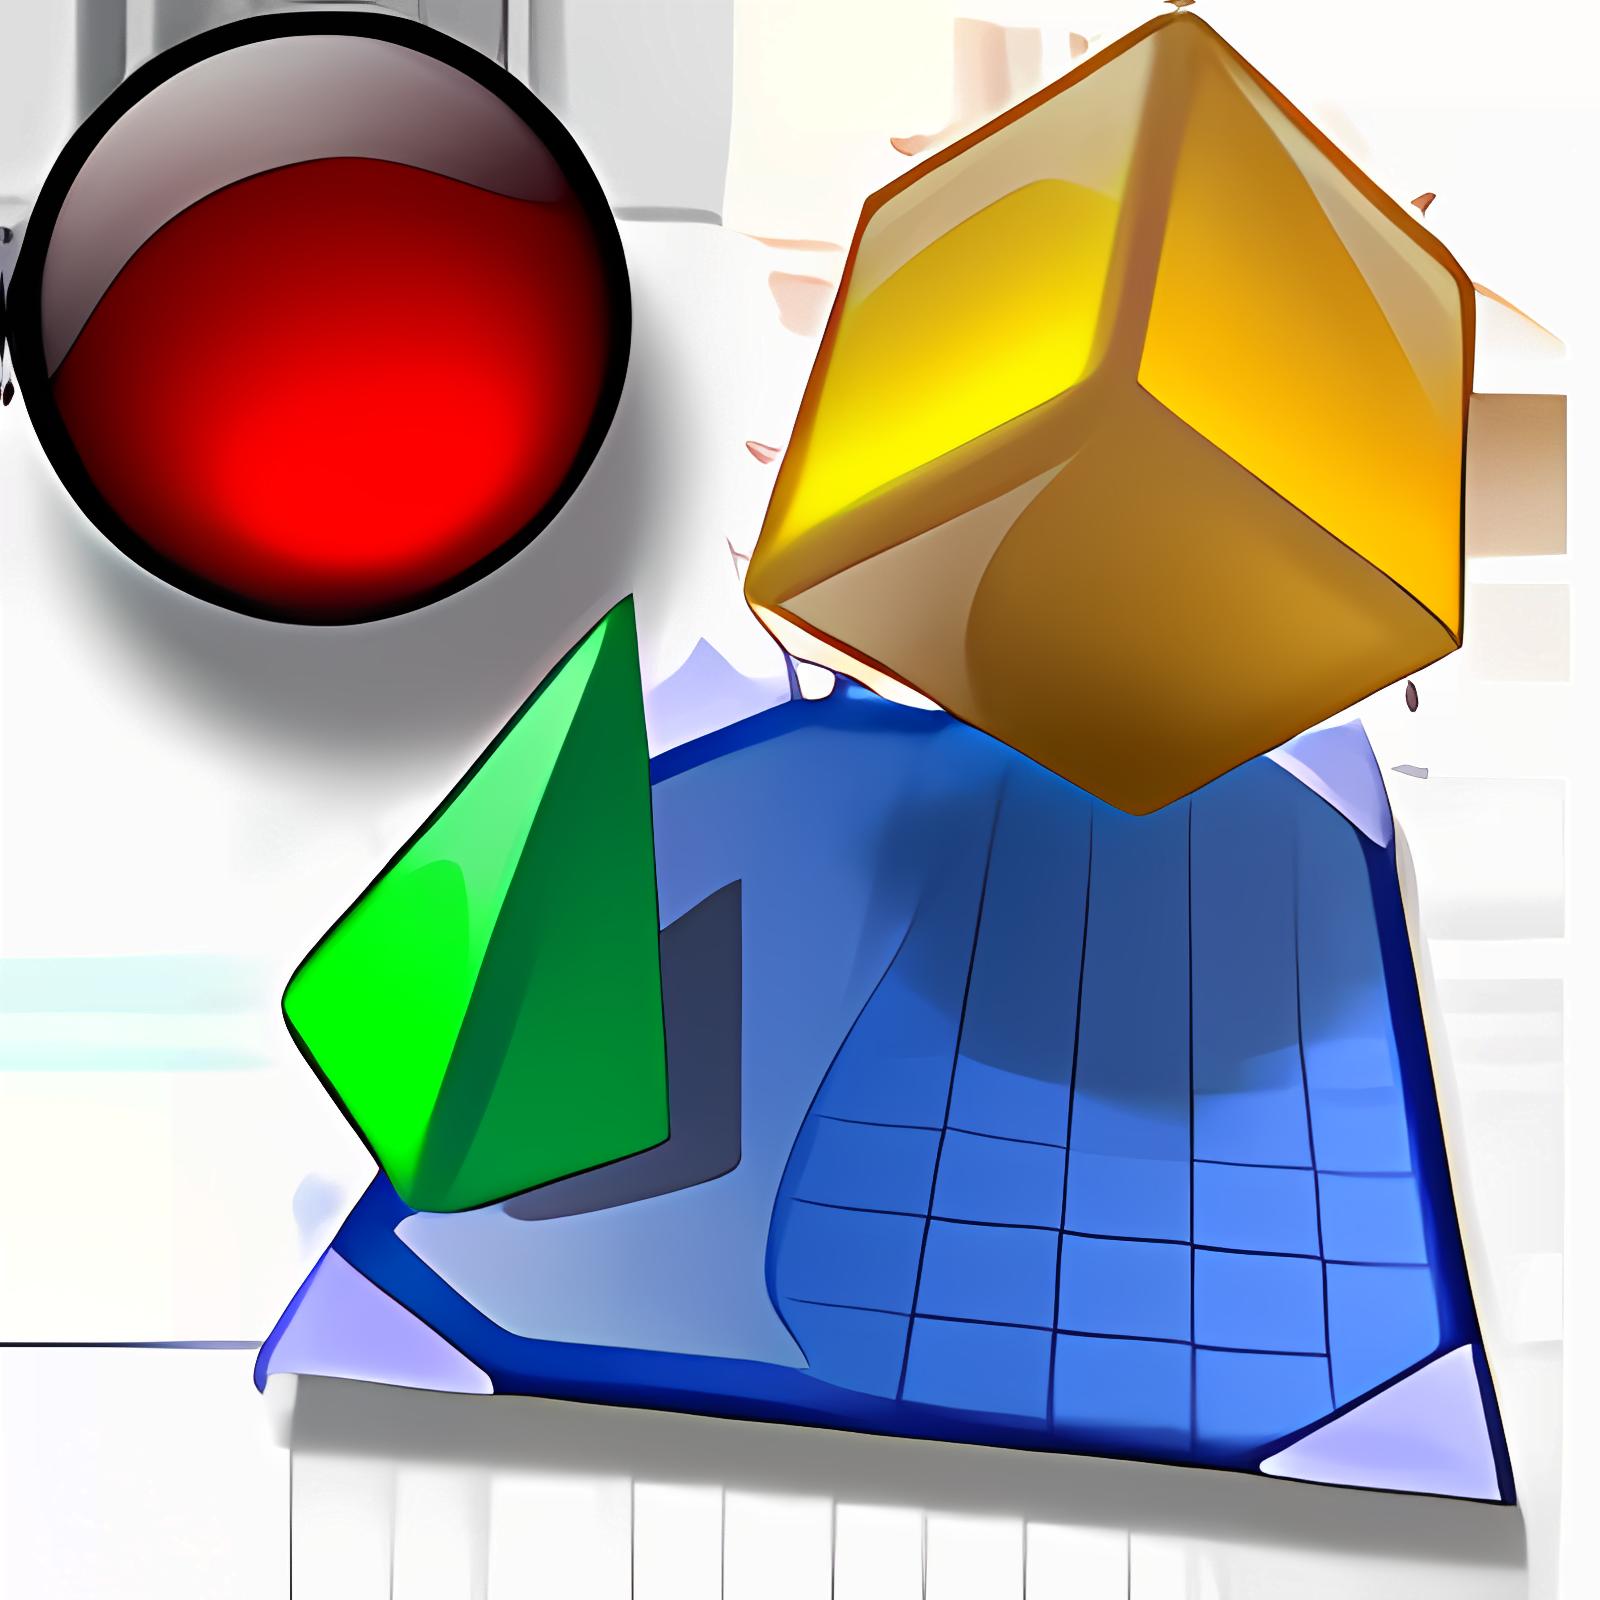 DesktopX 3.5.0.0